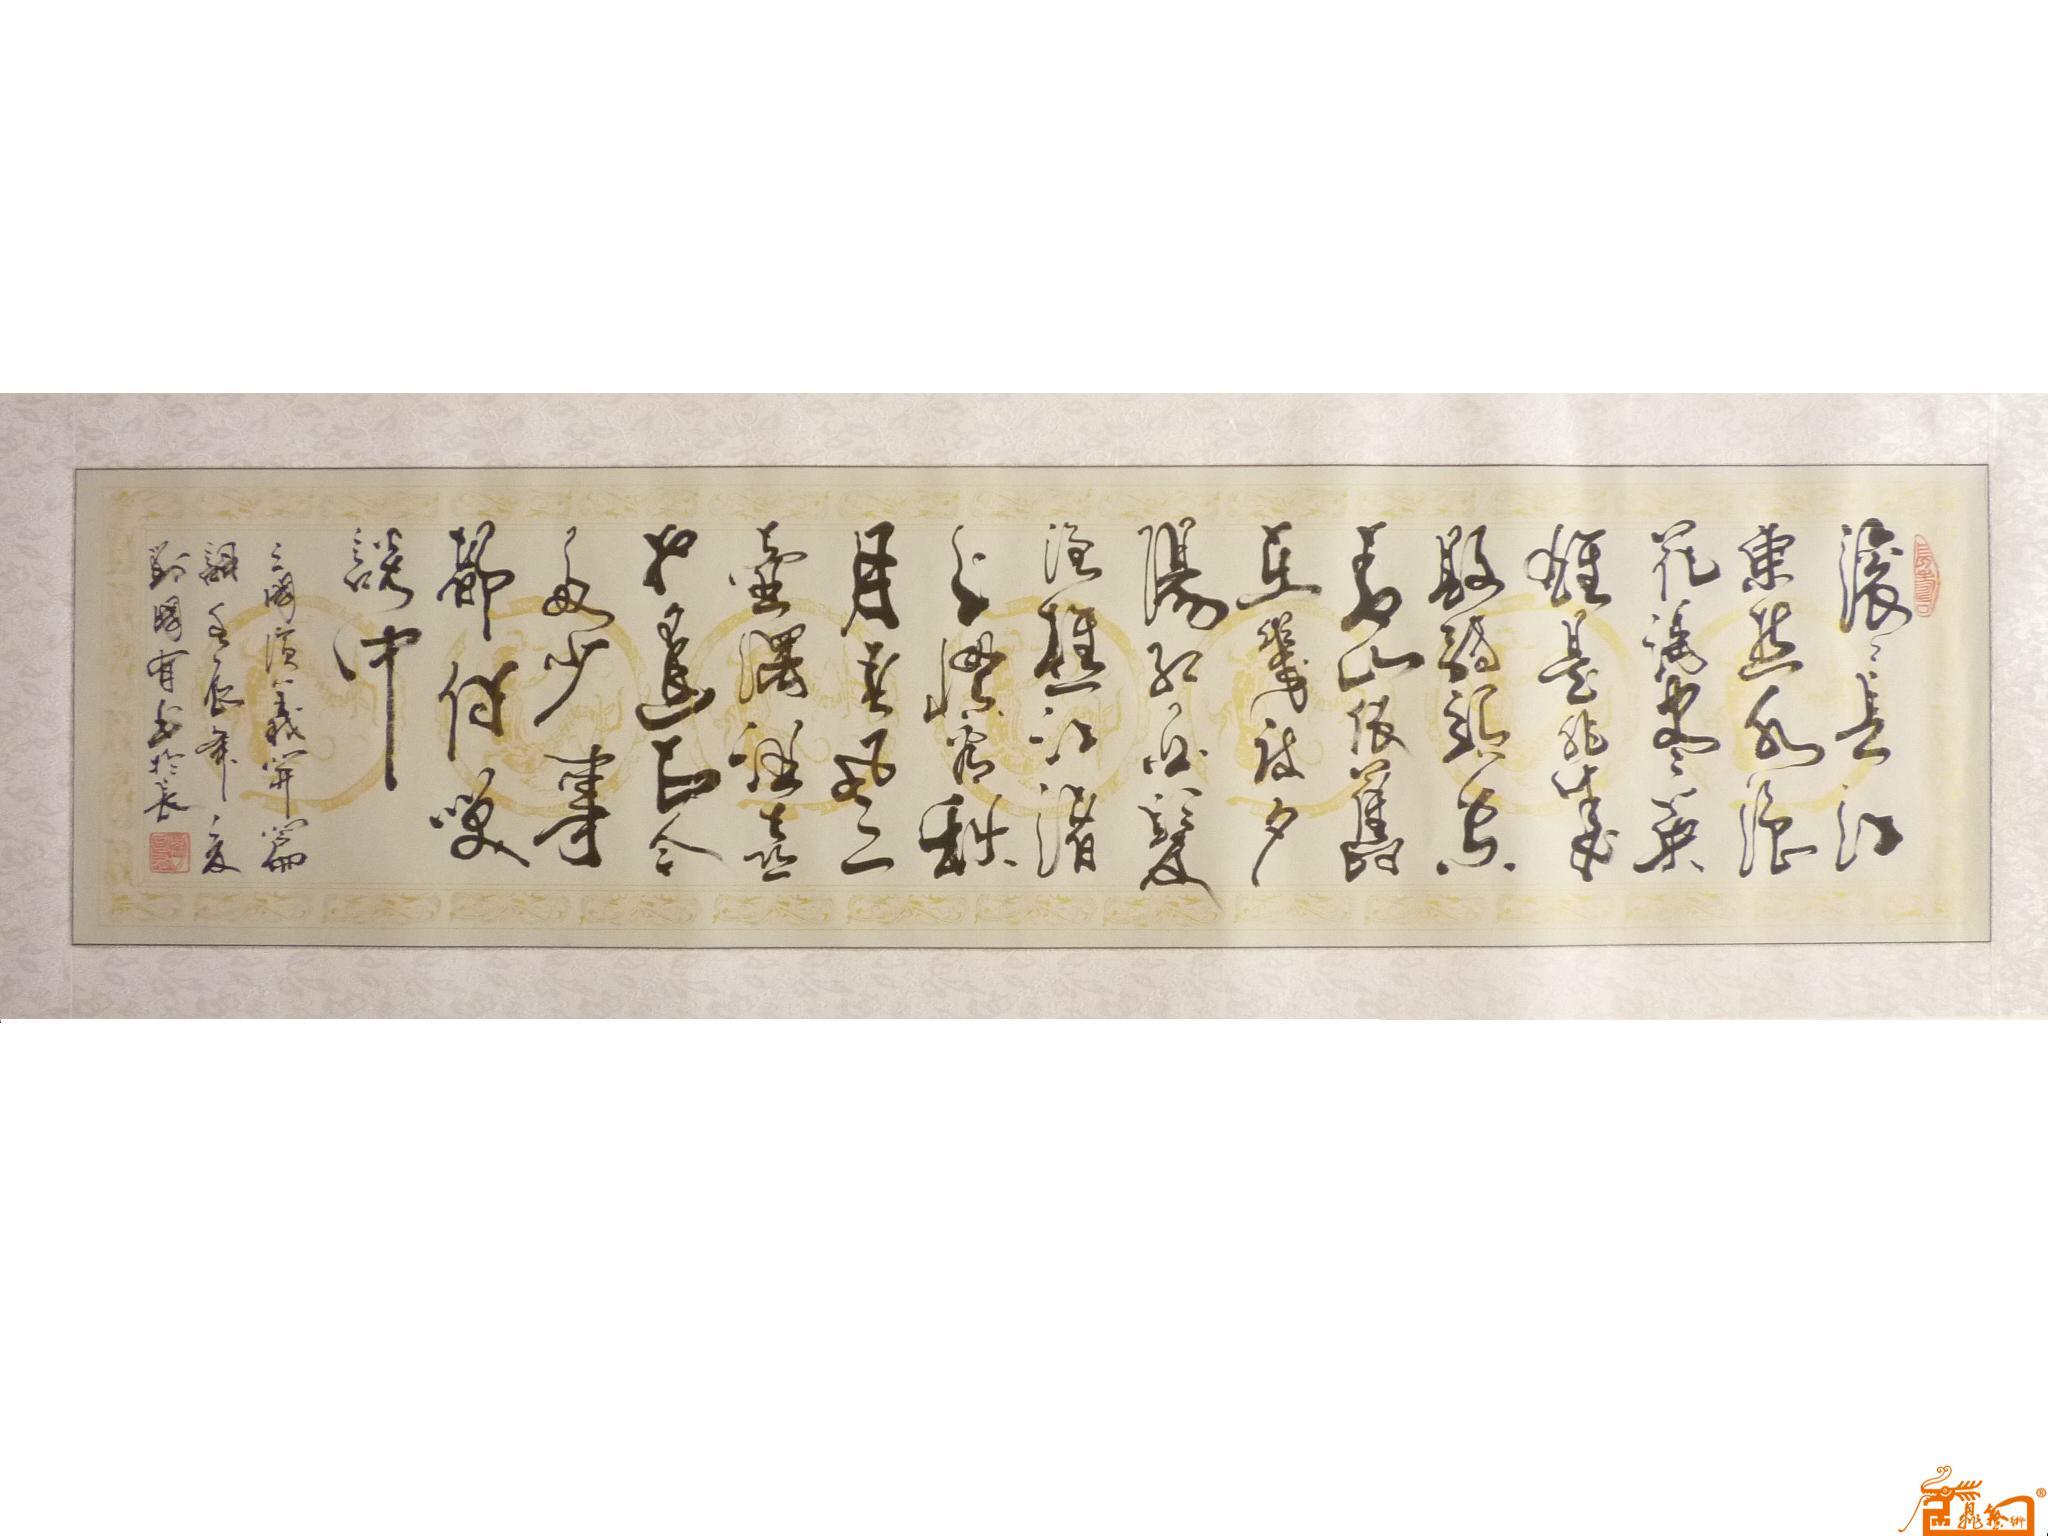 刘国有-滚滚长江东逝水-淘宝-名人字画-中国书画服务